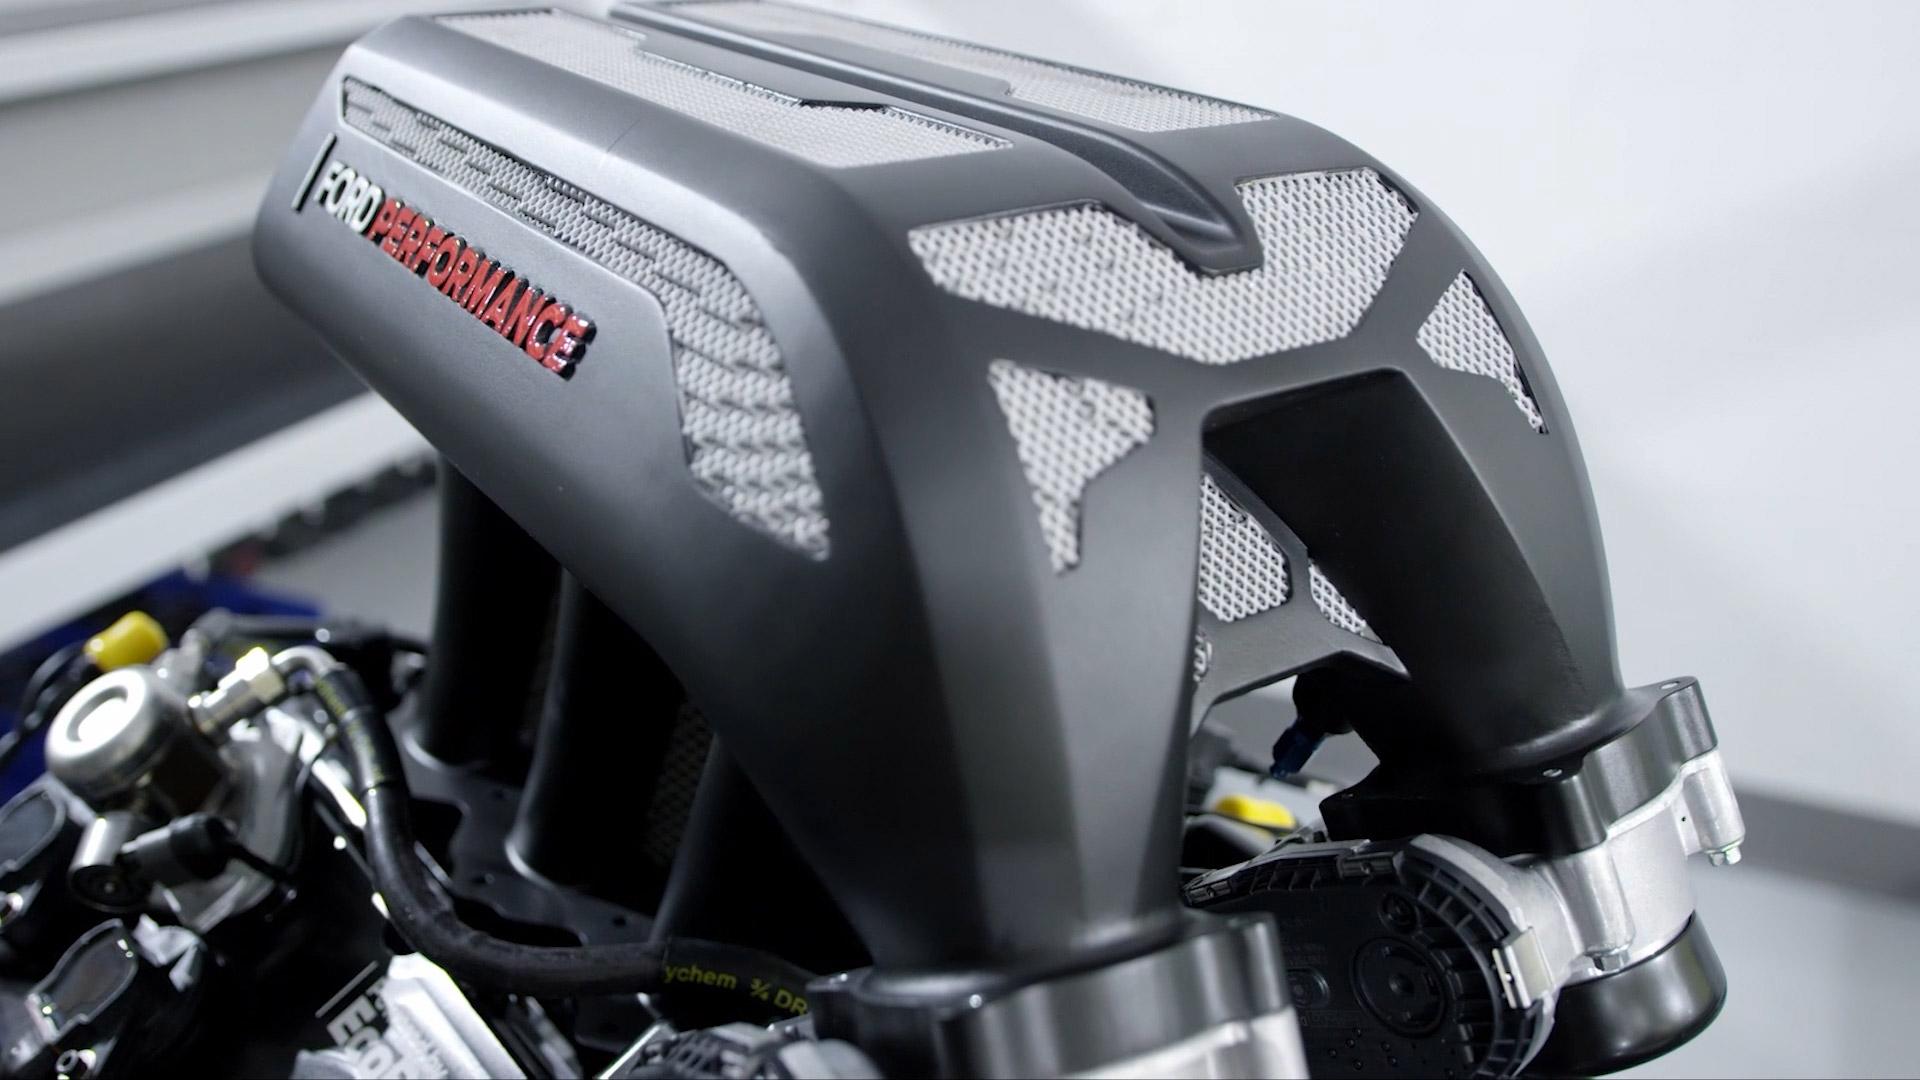 Ford Performance Hoonitruck 3D metal printed intake